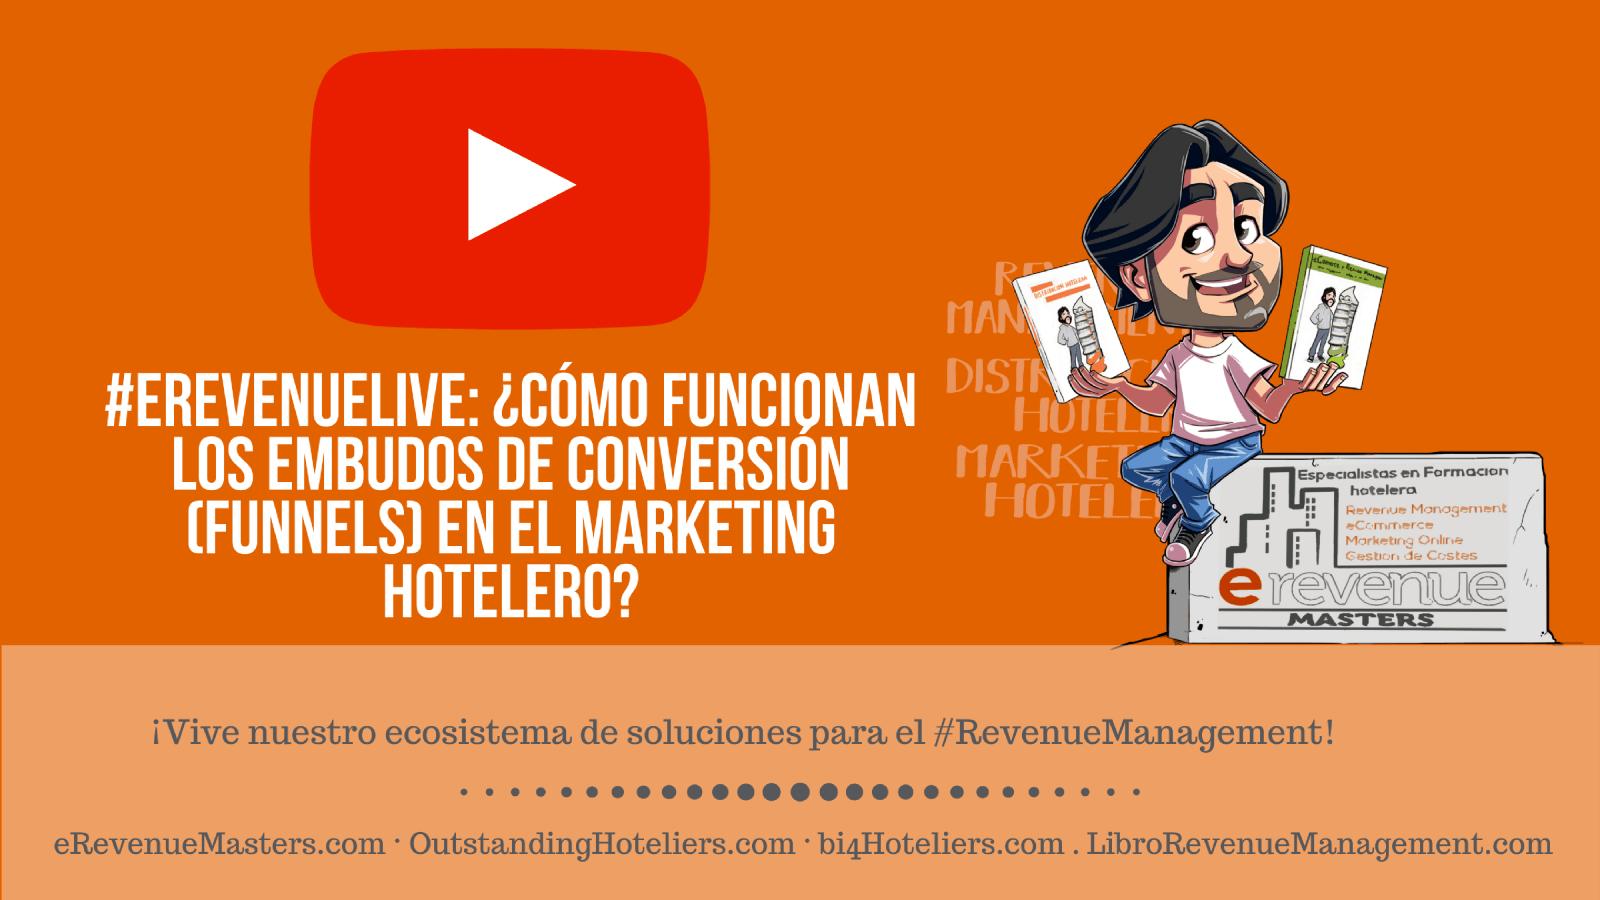 ¿Cómo funcionan los embudos de conversión (funnels) en el marketing hotelero?